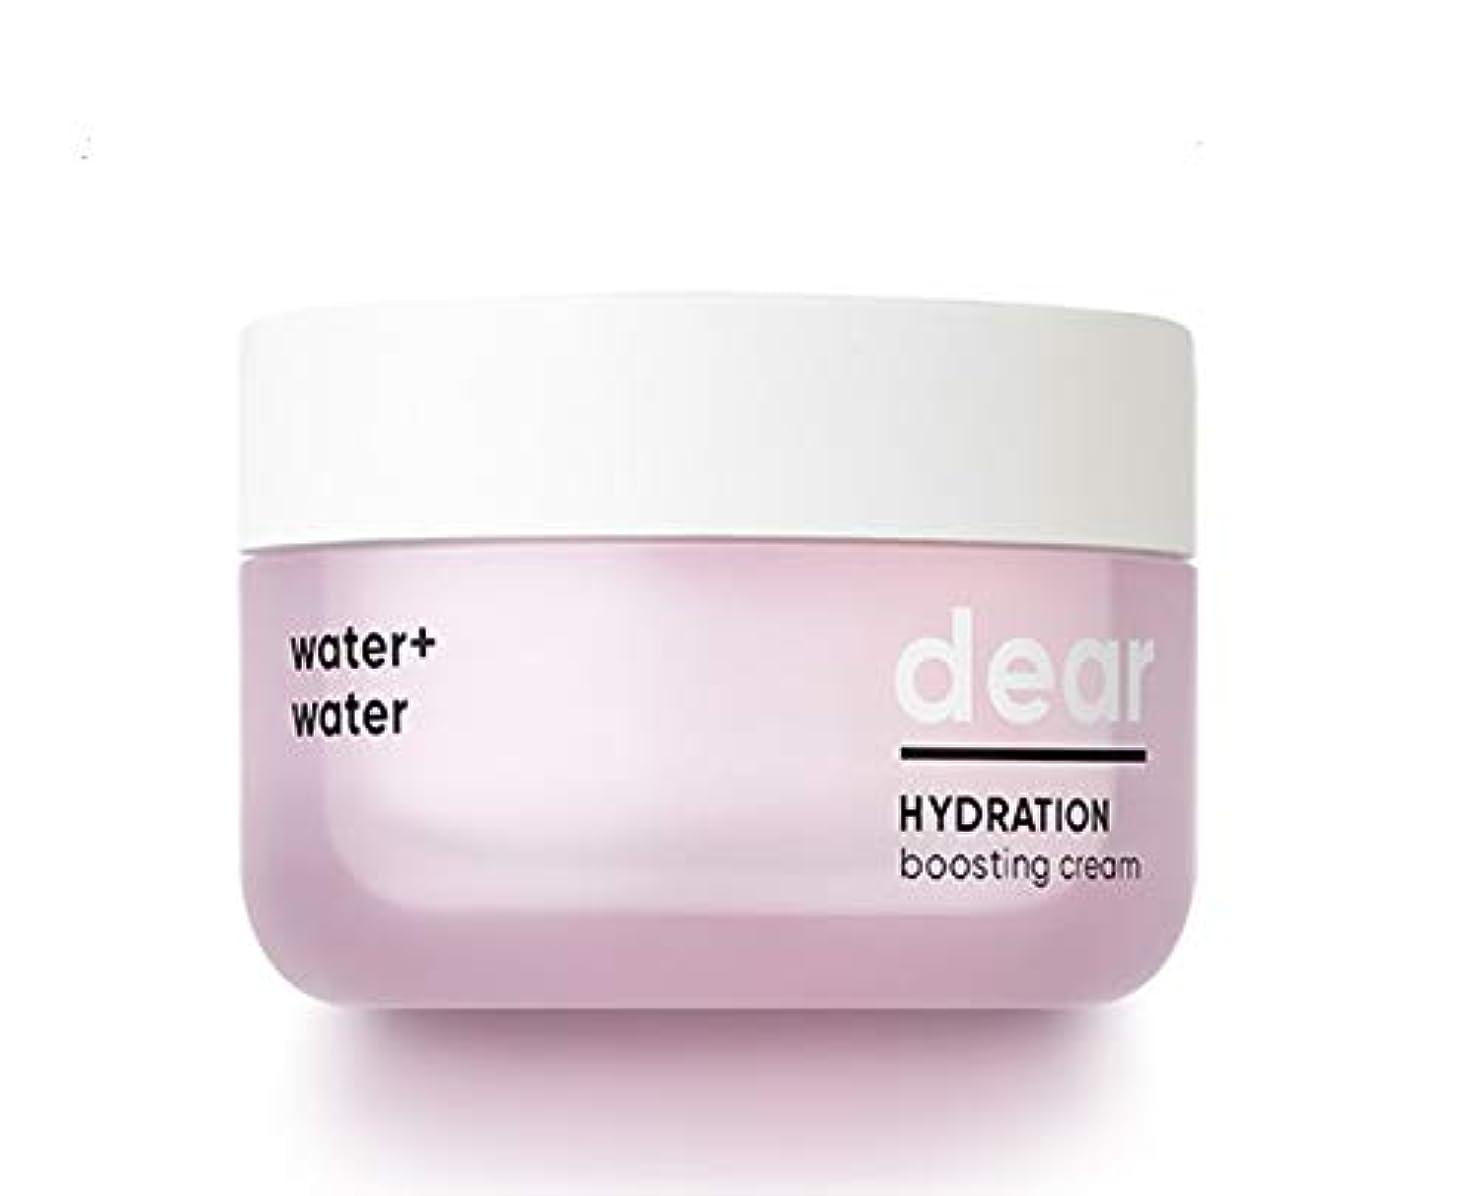 冷えるコモランマ口[New] BANILA CO dear Hydration Boosting Cream 50ml / (Banila co) パニルラ鼻ディアハイドゥレイションブースティングクリーム50ml [並行輸入品]